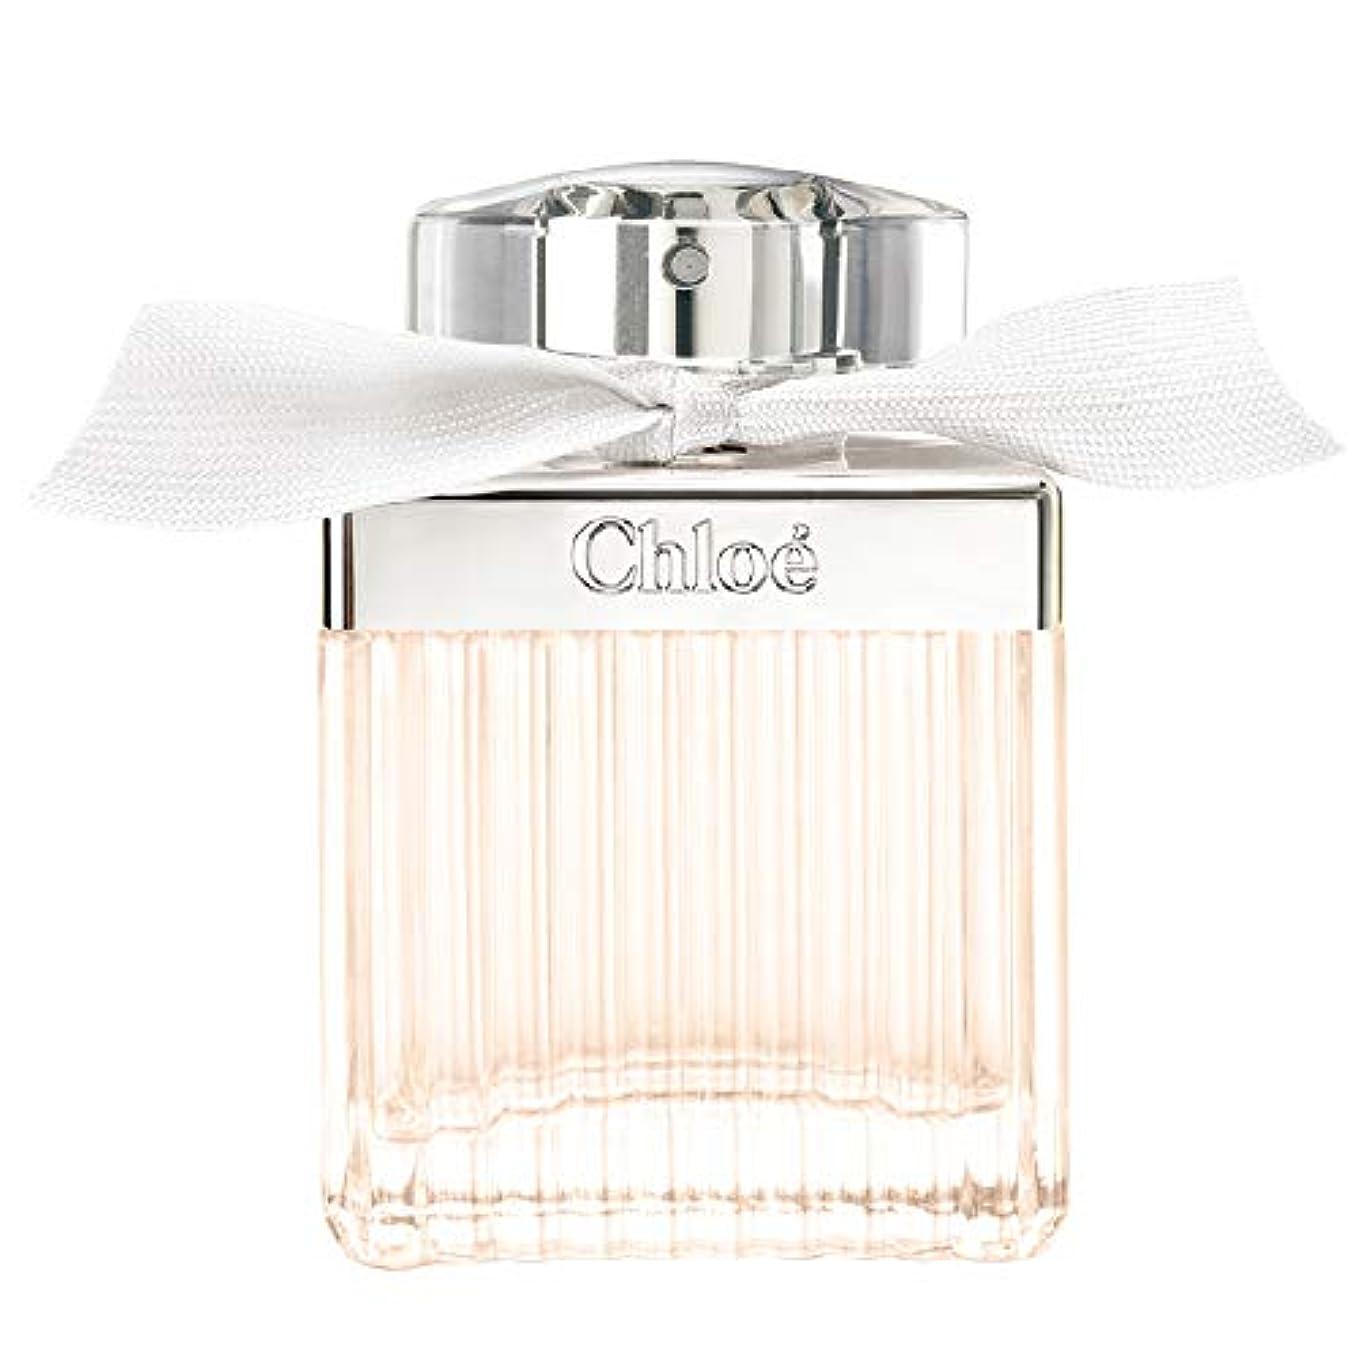 シンプトン開拓者嫌なクロエ chloe オードパルファム 75ml EDP レディース 香水 フレグランス 女性用 [並行輸入品]